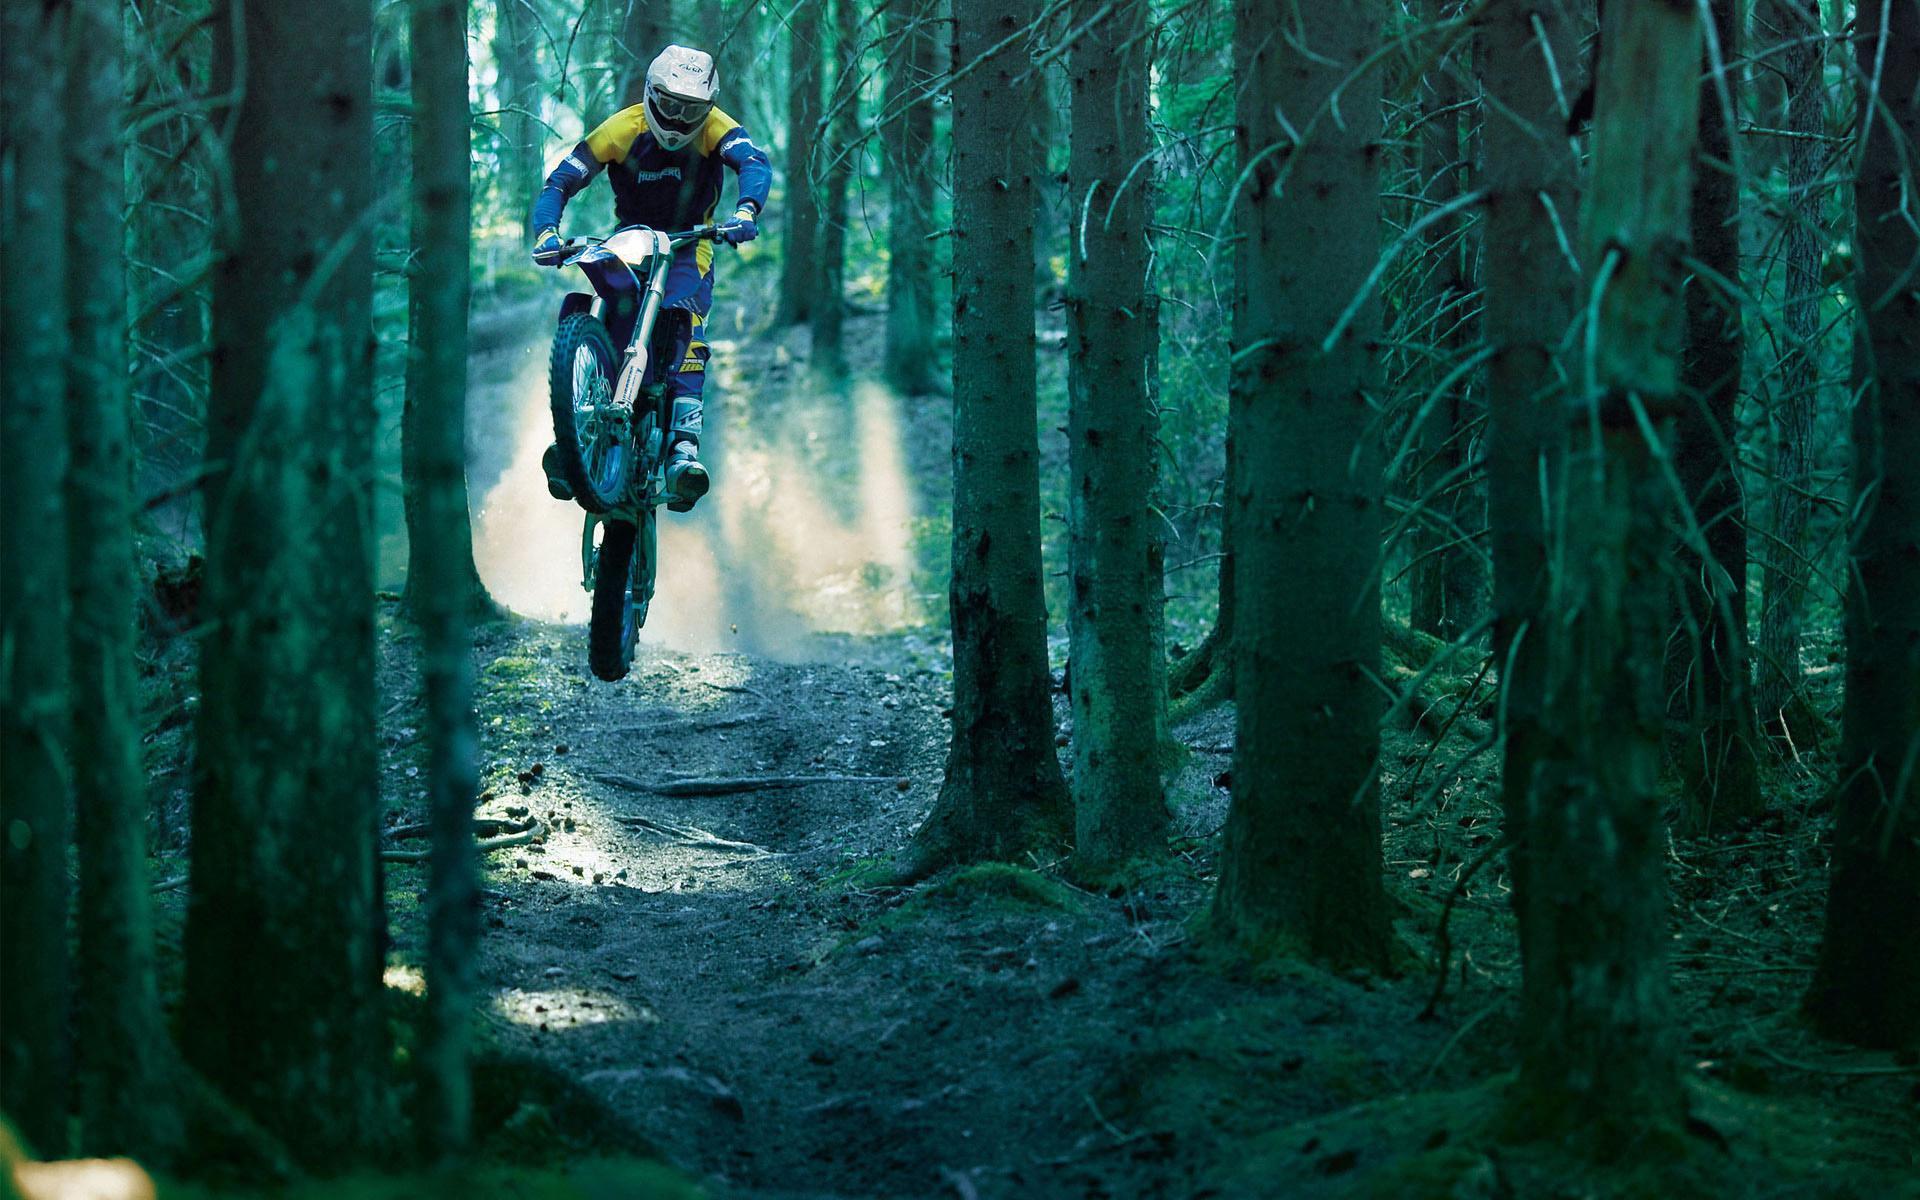 21558 descargar fondo de pantalla Deportes, Transporte, Motocicletas, Motocross: protectores de pantalla e imágenes gratis